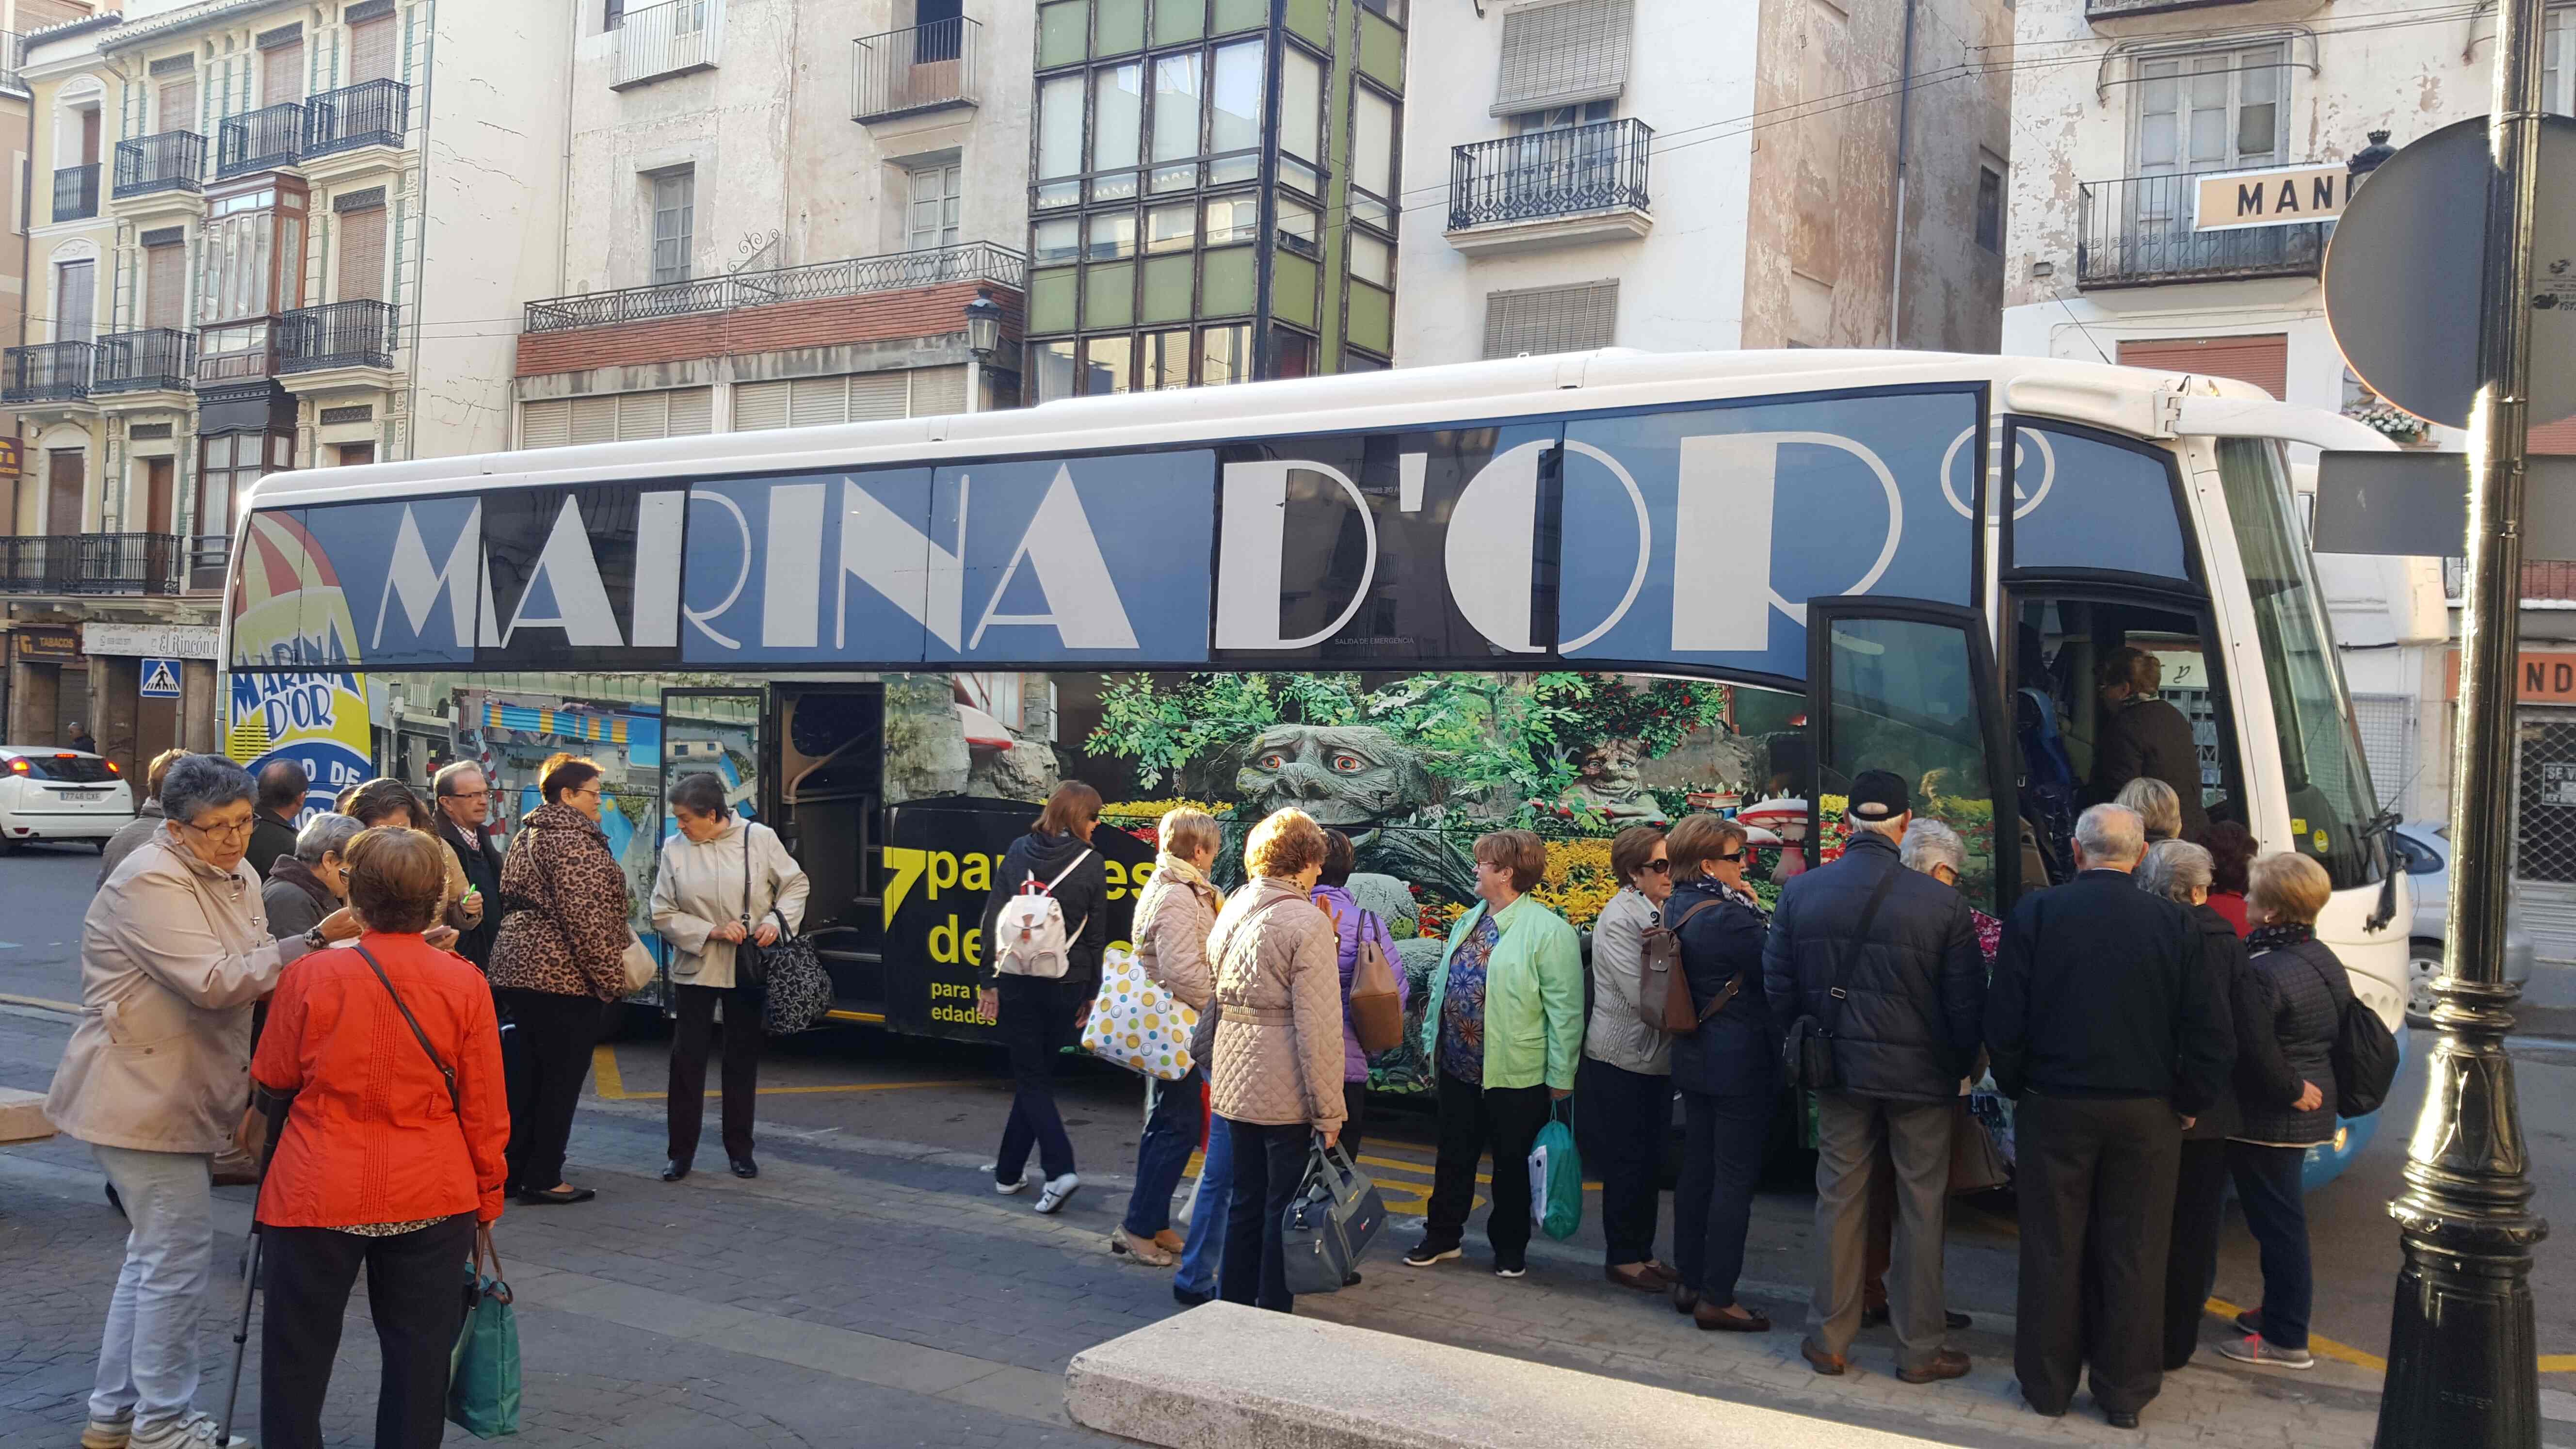 Salida de los autobuses desde Segorbe a Marina d'Or